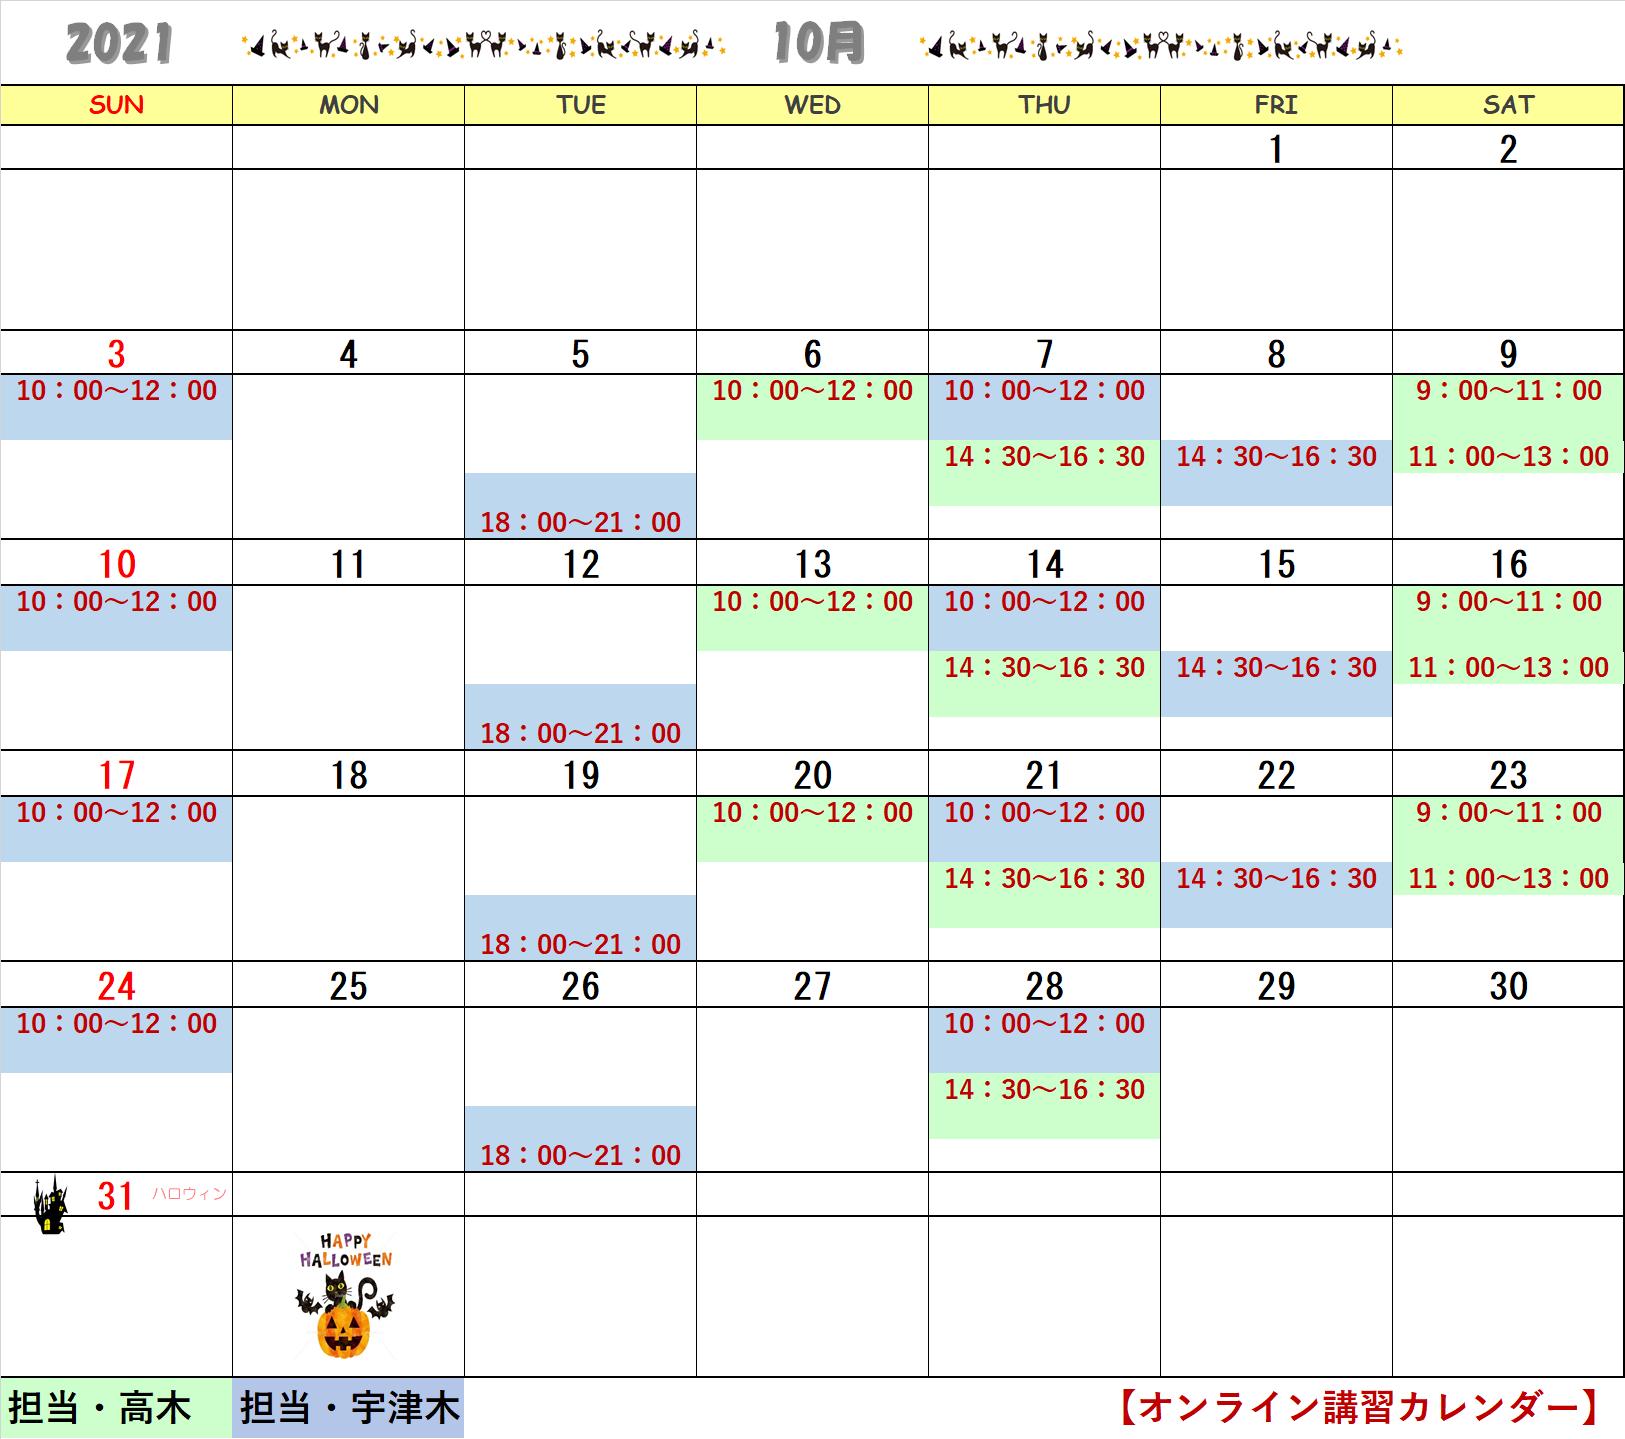 10月のオンラインカレンダー